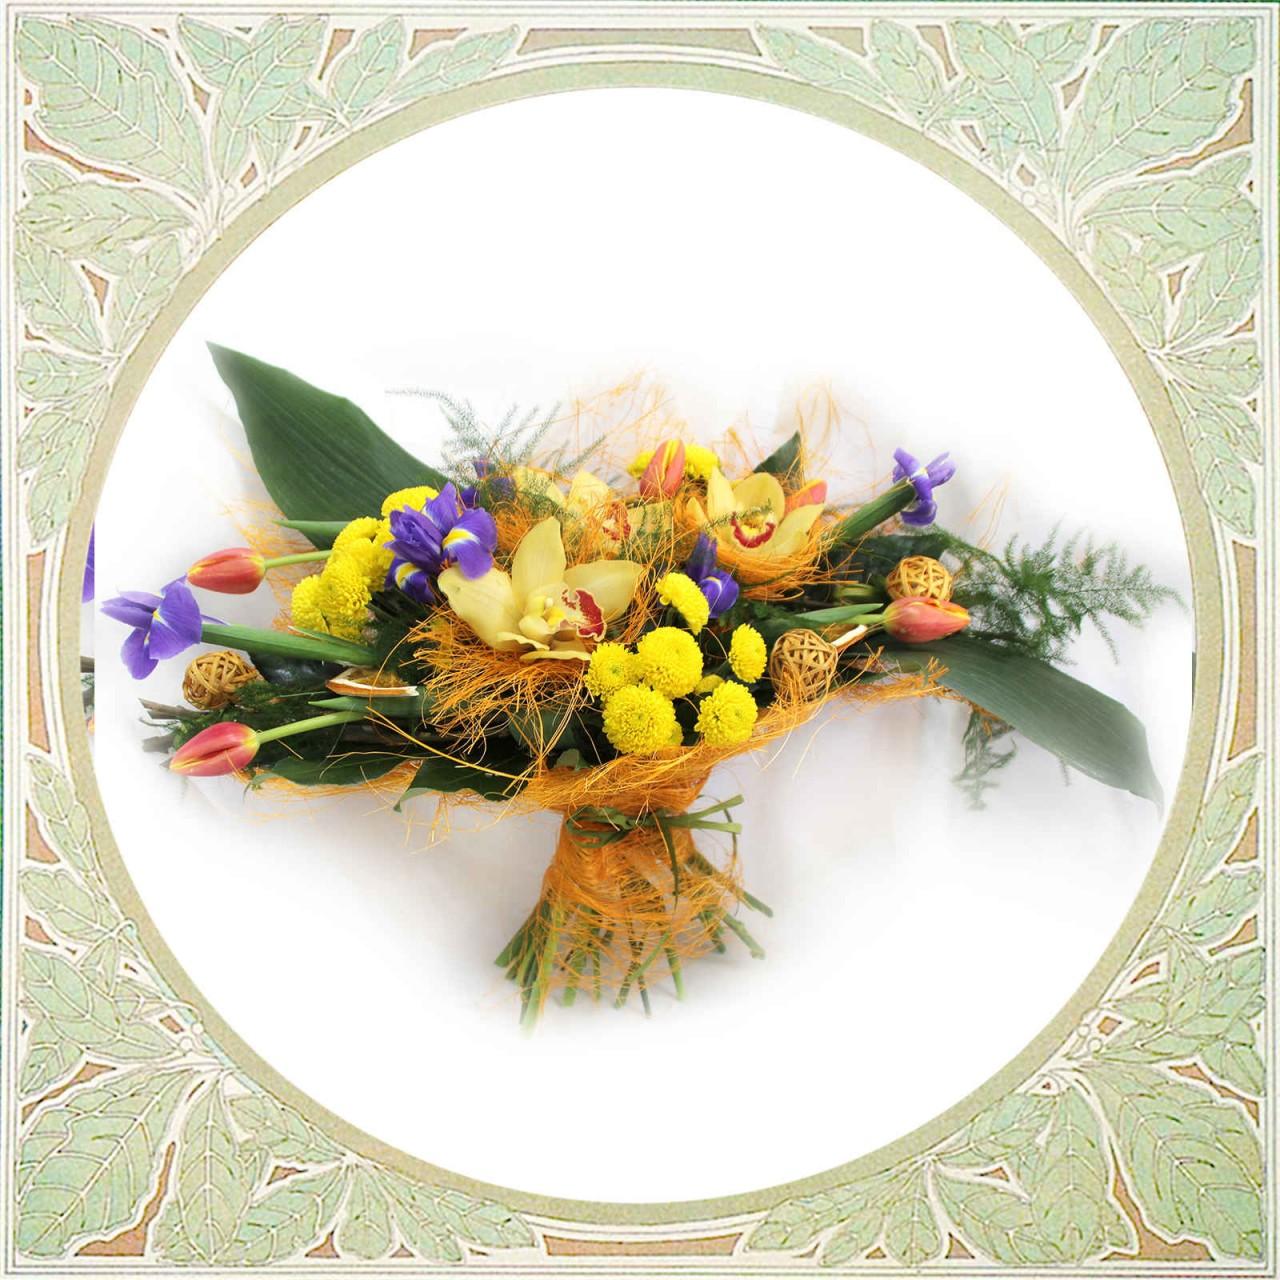 Букет из орхидей, ирисов и тюльпанов открытка в Пскове Открытка